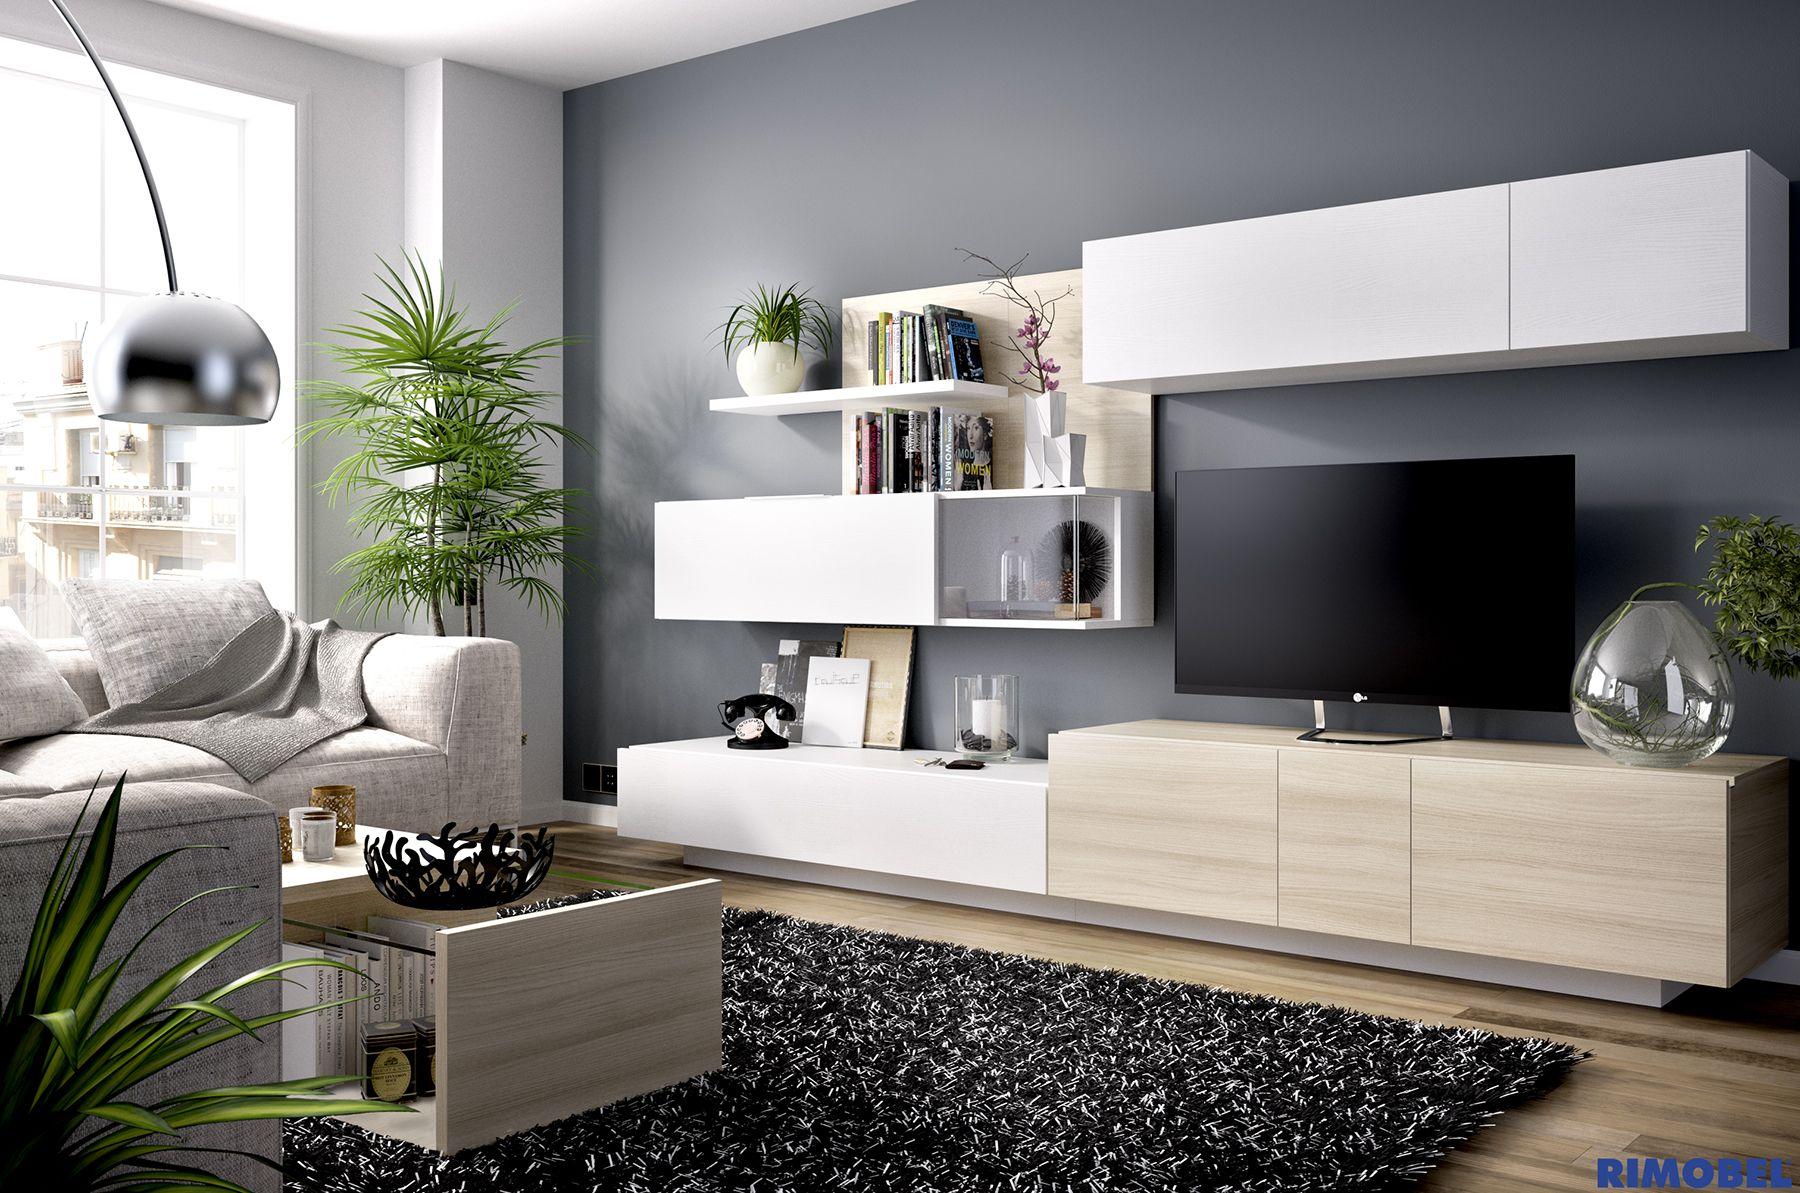 F_78 Salones diseñados para la vida real. http://rimobel.es/index ...